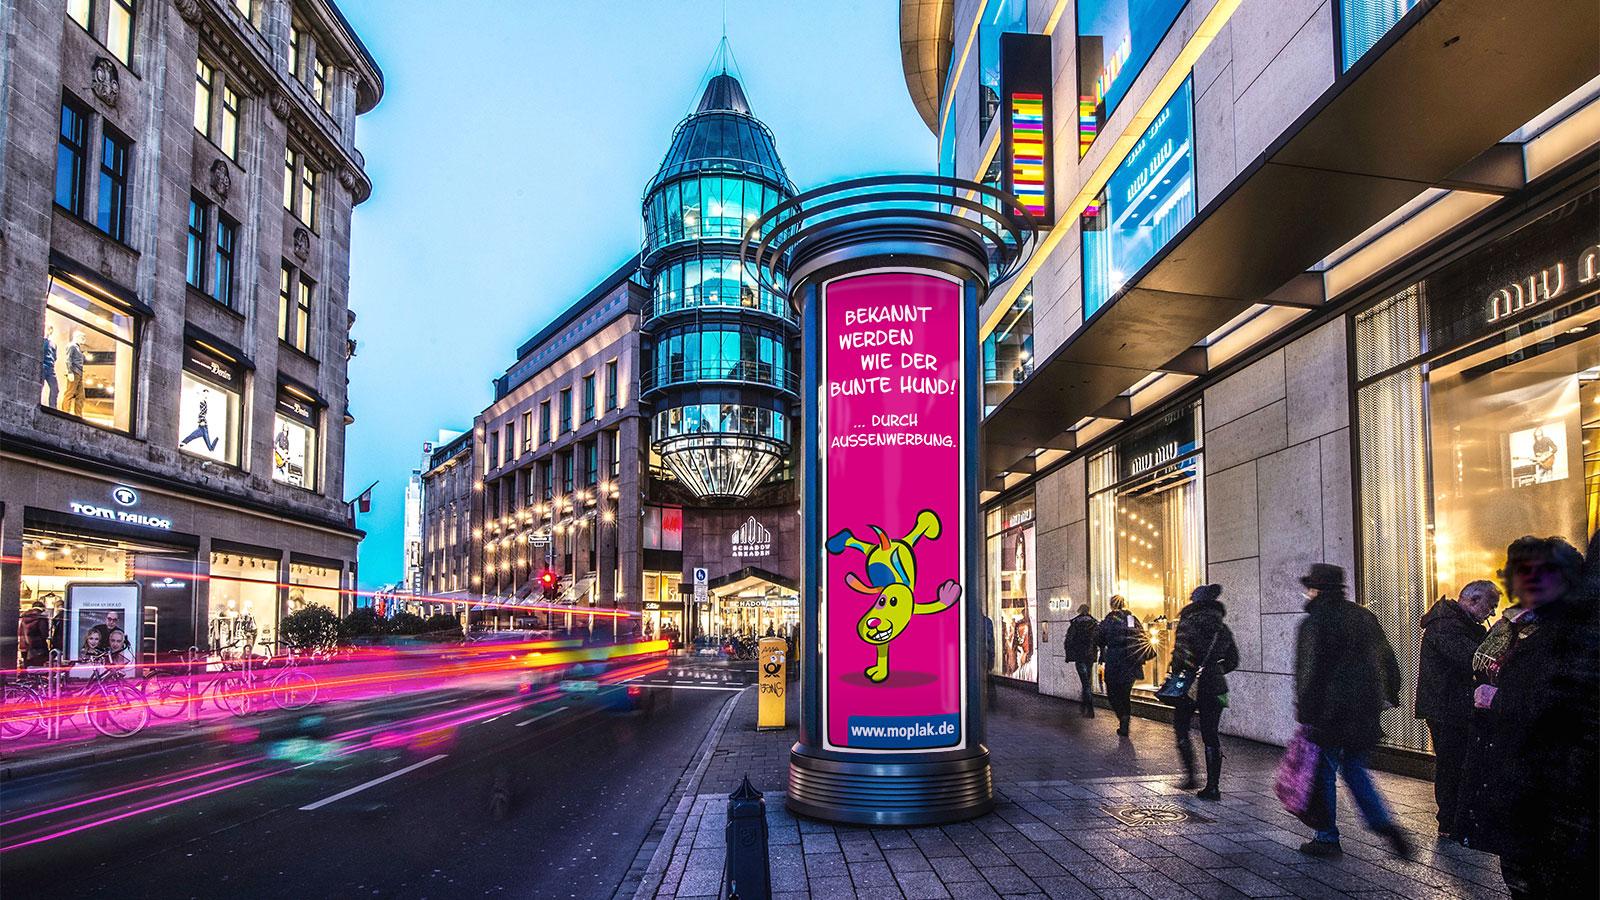 Darmstadt-Aussenwerbung-Litfasssaeule-Werbung